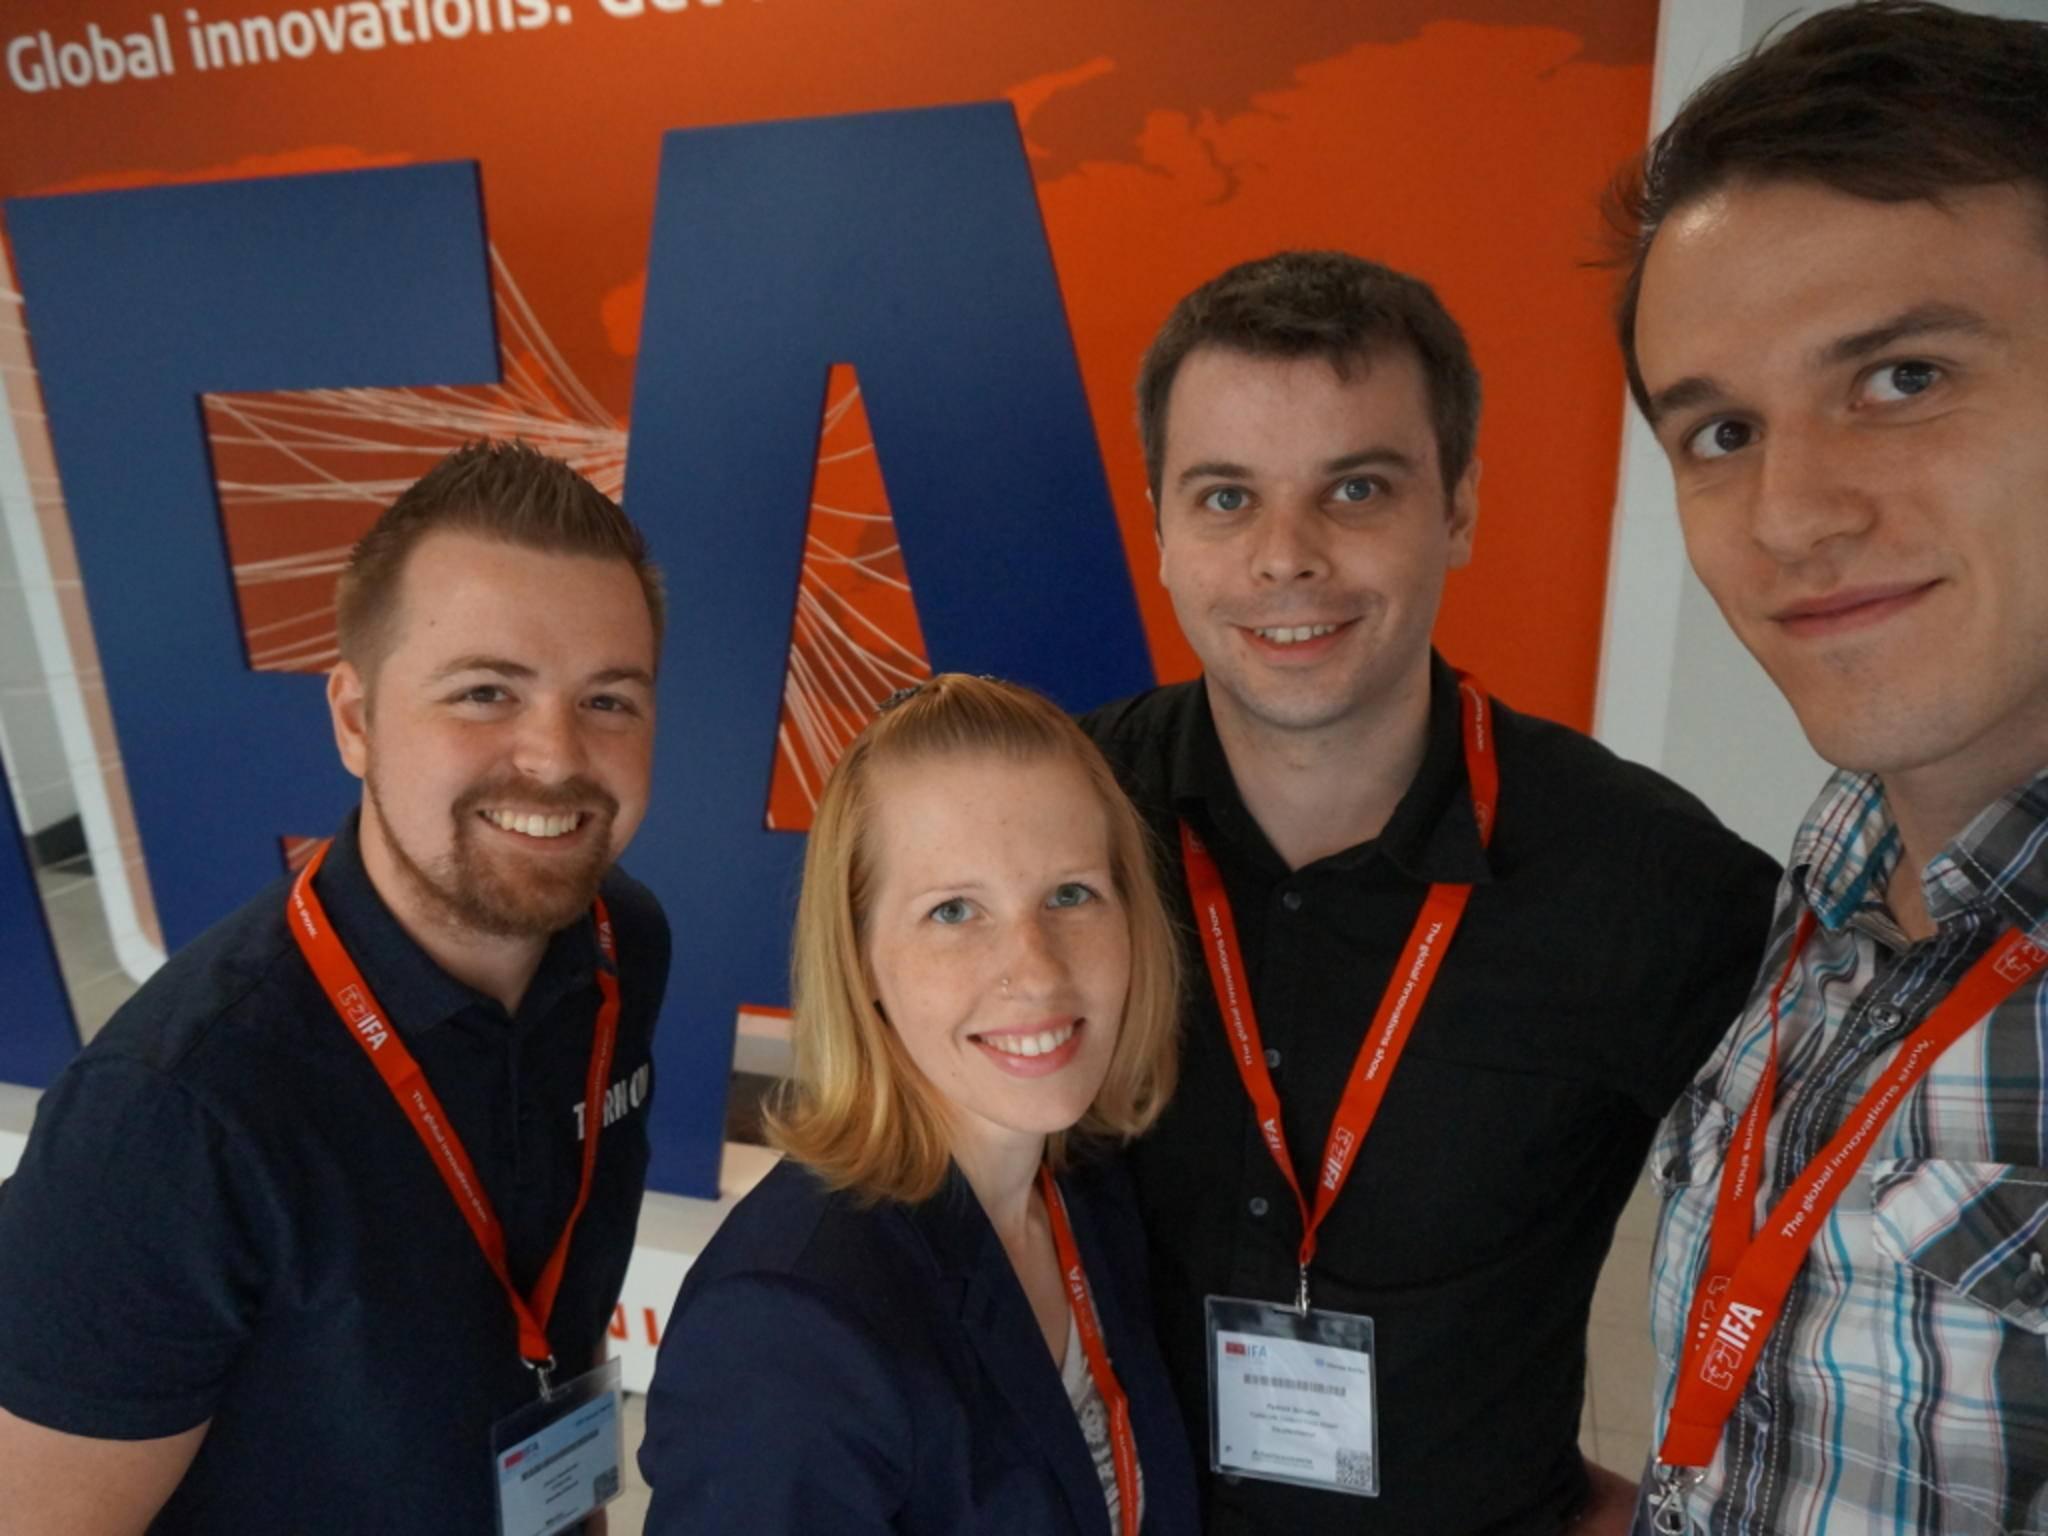 Das TURN ON-Team auf der IFA: Jens, Franzi, Patrick und Christian.